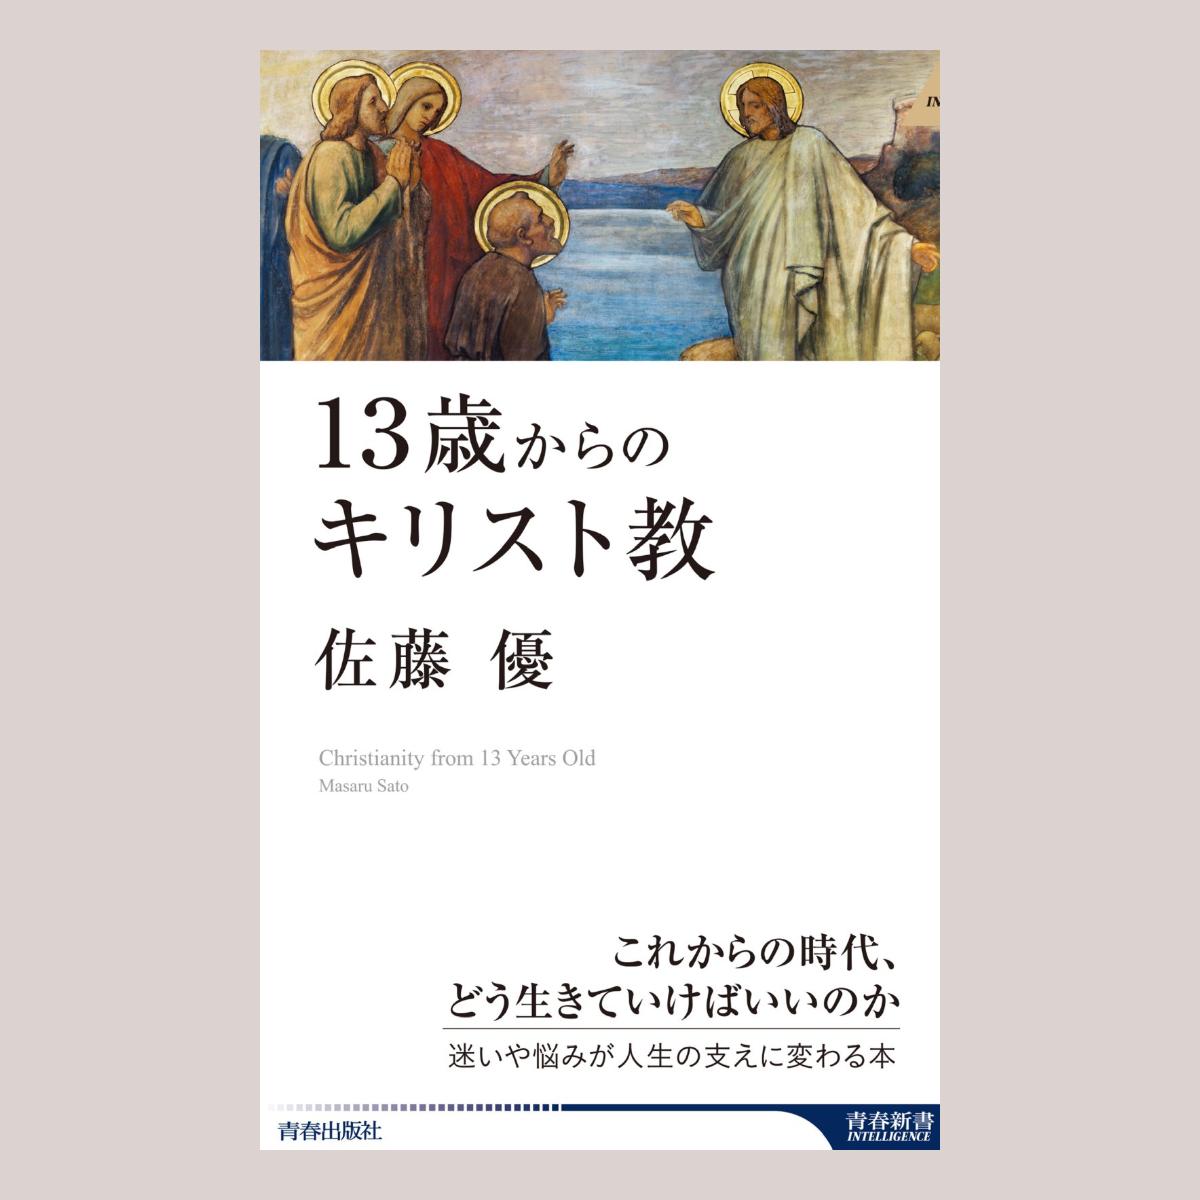 13歳からのキリスト教 <img class='new_mark_img2' src='https://img.shop-pro.jp/img/new/icons15.gif' style='border:none;display:inline;margin:0px;padding:0px;width:auto;' />の商品画像